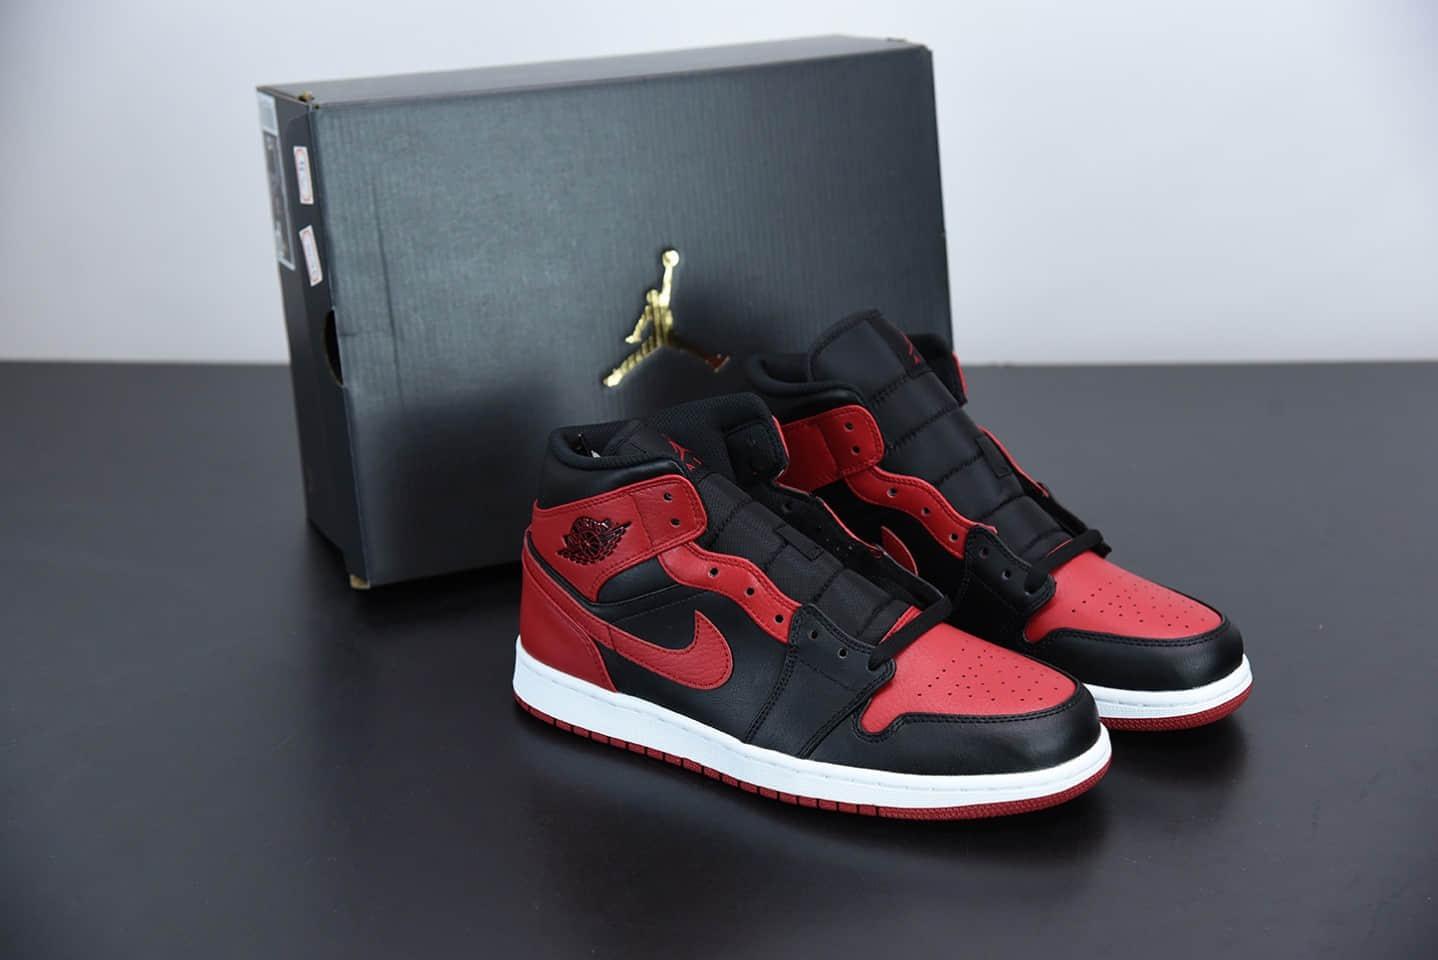 """乔丹Air Jordan 1 Mid """"Bred"""" 黑红小禁穿中帮百搭休闲运动板鞋纯原版本 货号:554724-074"""